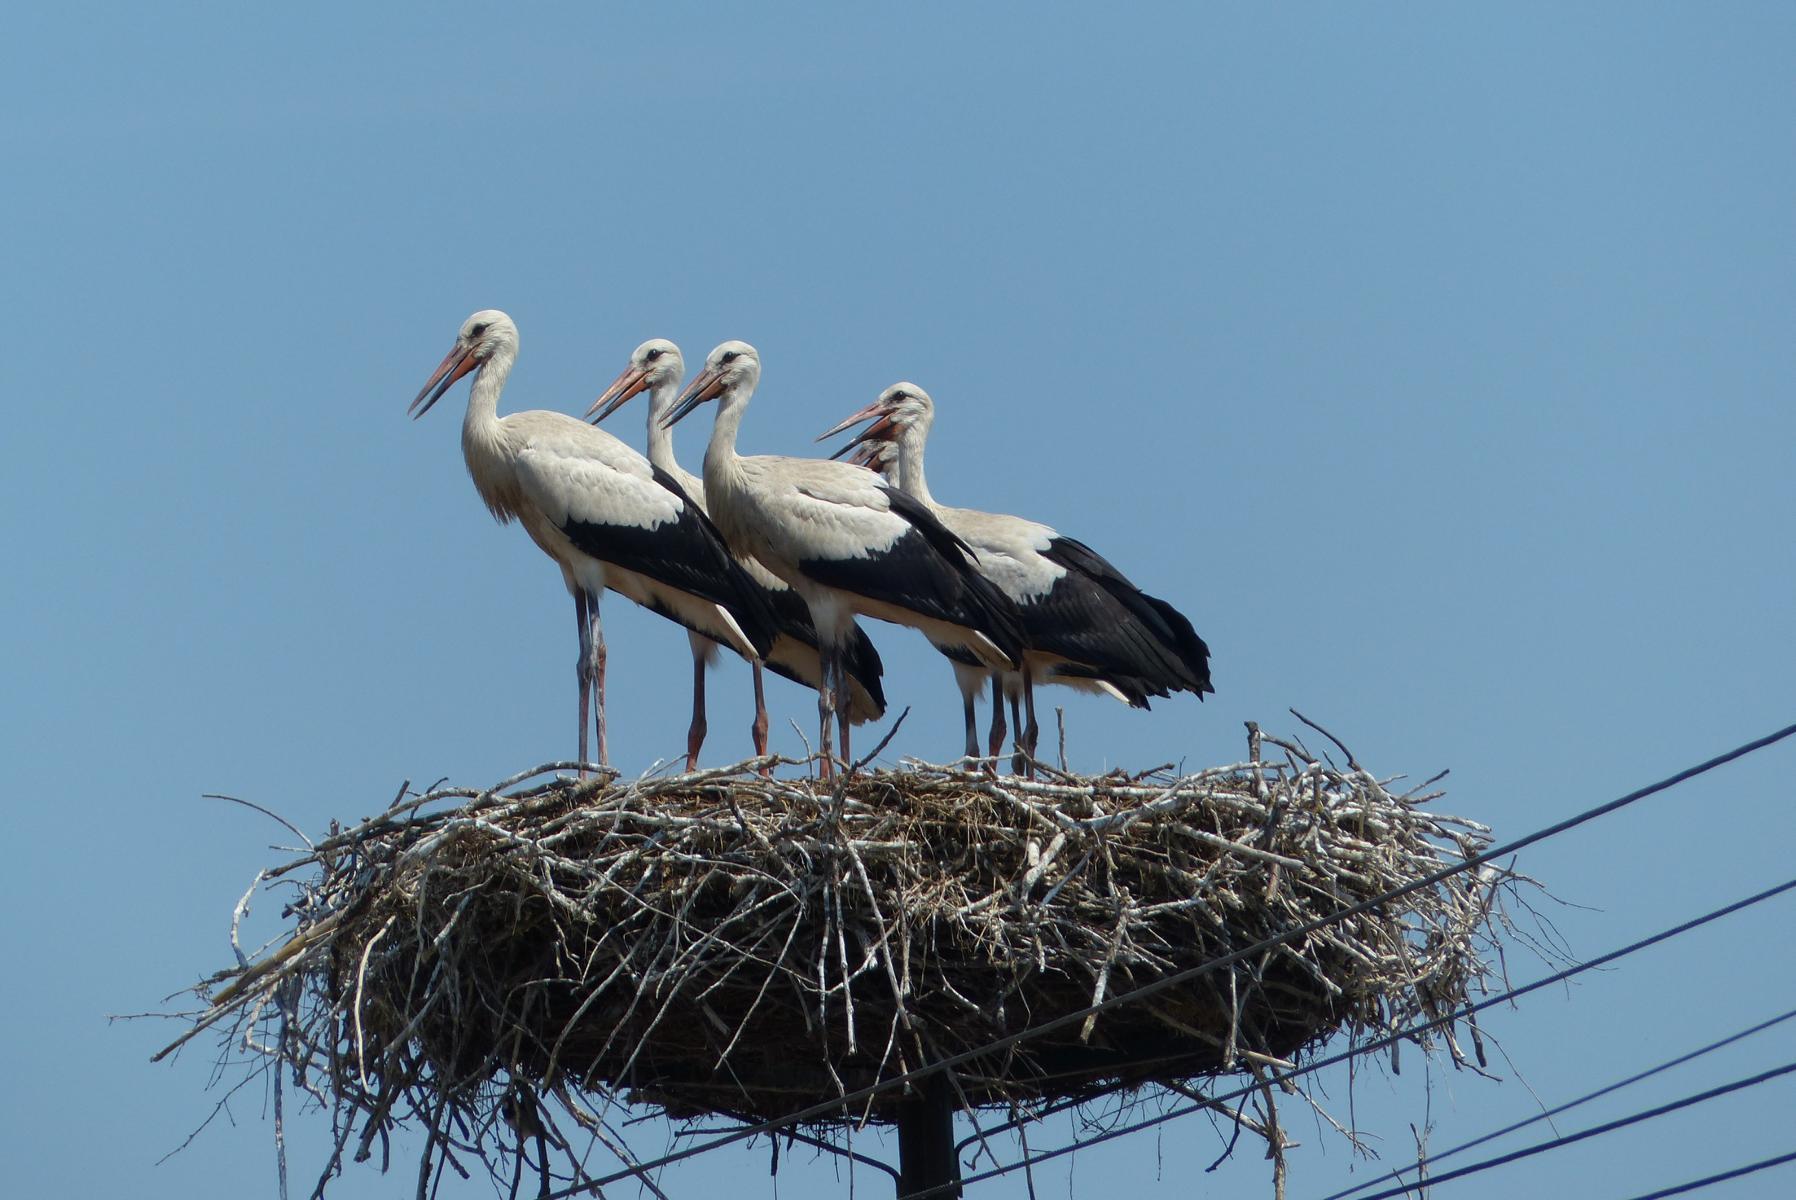 Stoisch trotzte die Storchenfamilie der Juli-Glut. Schwitzen die denn gar nicht bei 47 Grad in der Sonne?